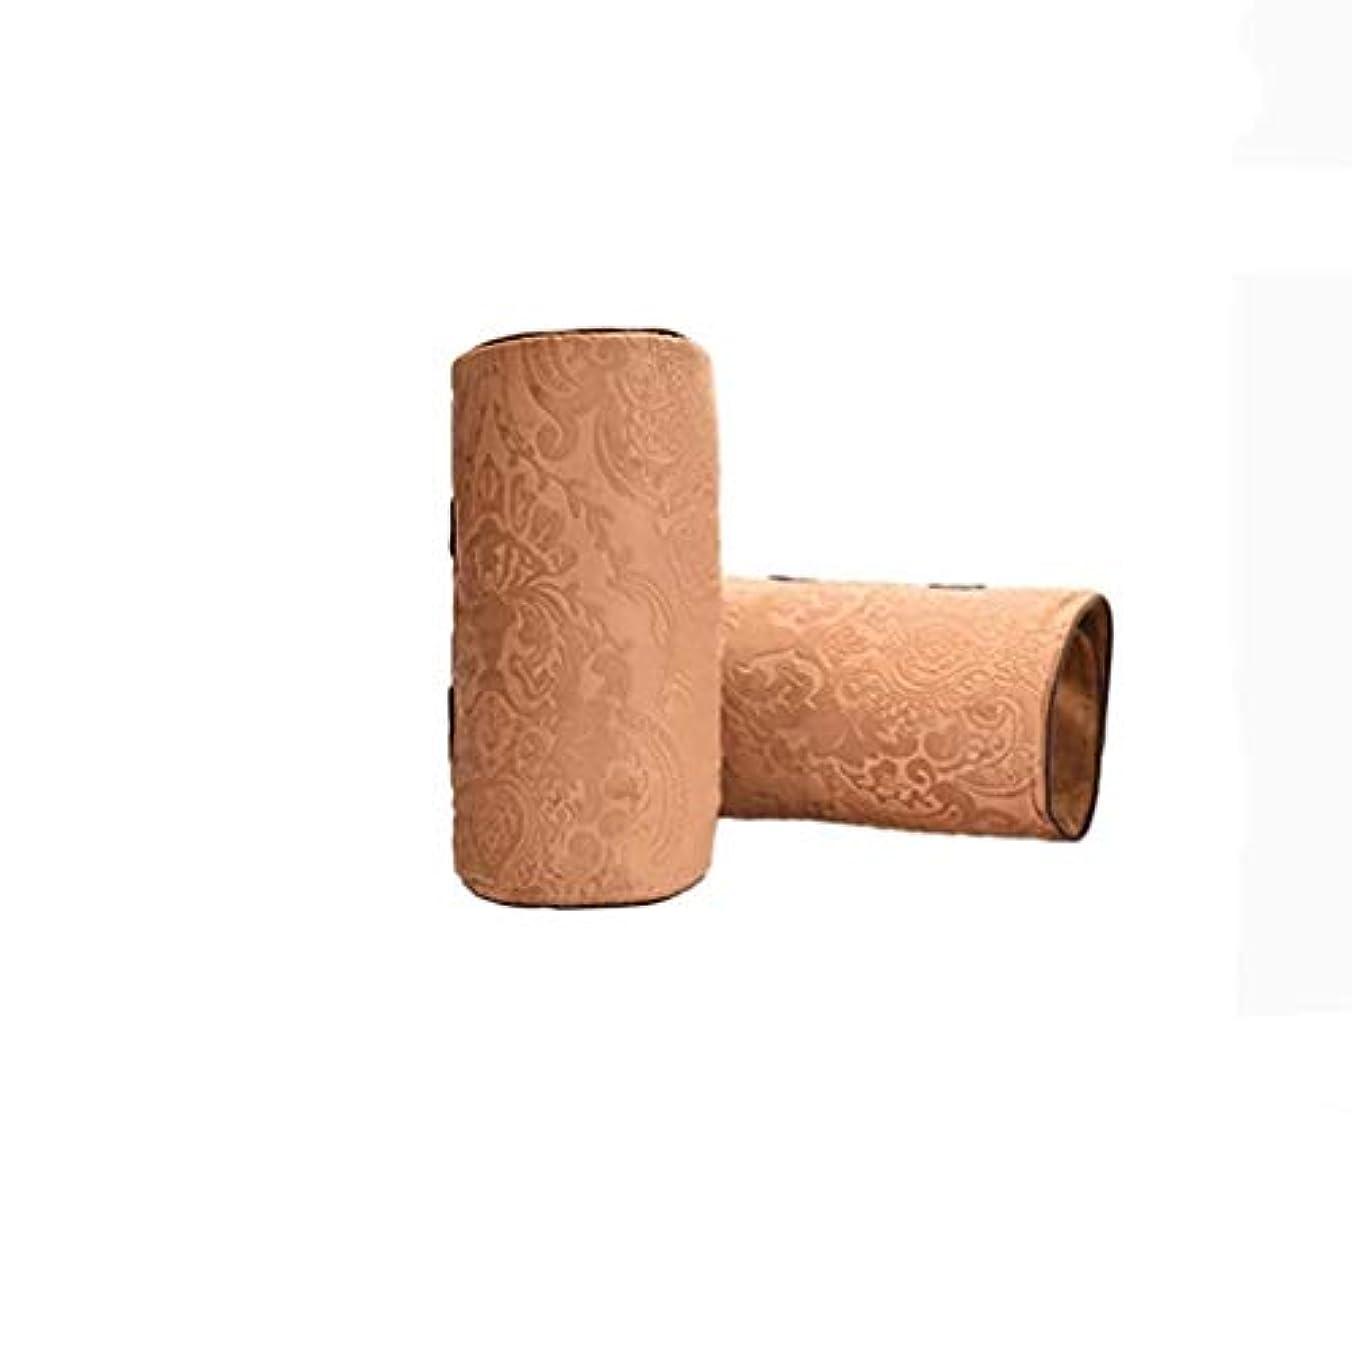 物理的なヘッジヘッドレス電気膝パッド、温かい寒い膝、温湿布M、半月板、脚の痛み、理学療法、関節の炎症を和らげる (Color : Brown)